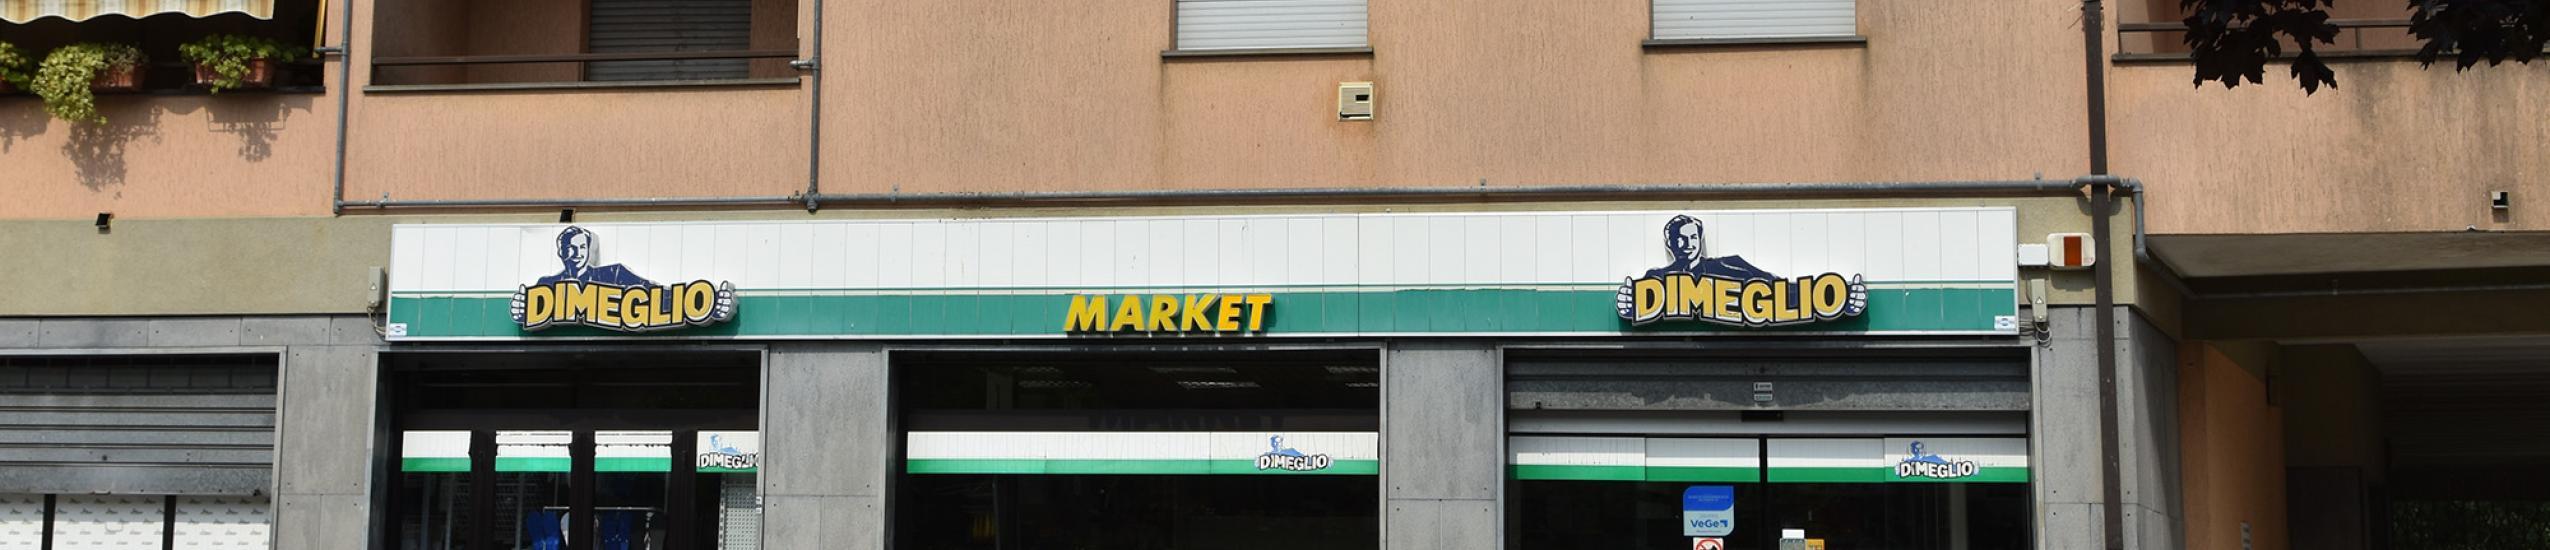 Di meglio supermercato